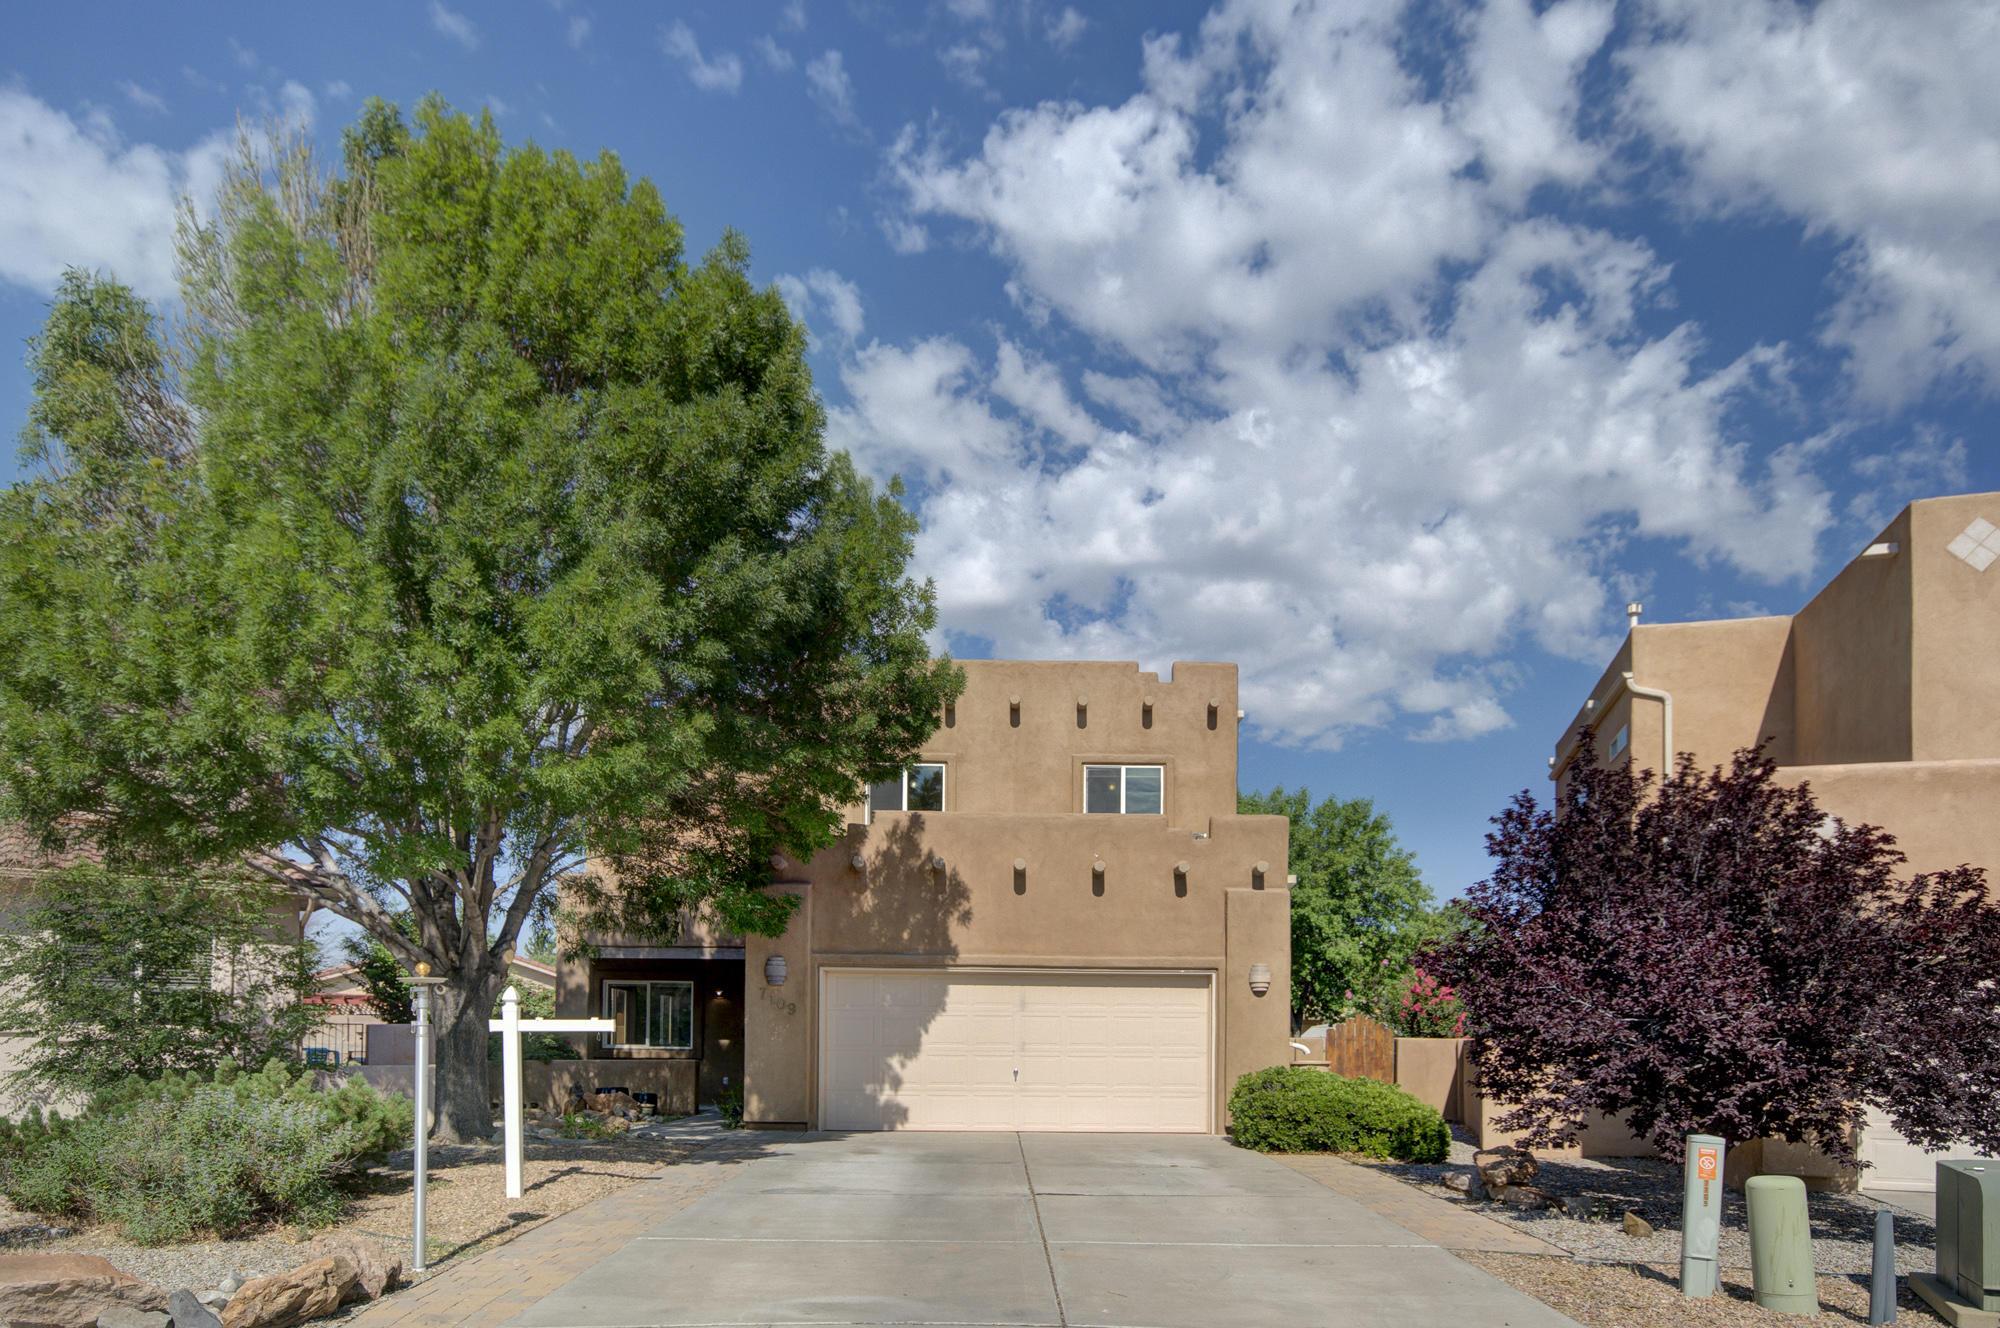 7109 SANTA RITA Place, Albuquerque NM 87113